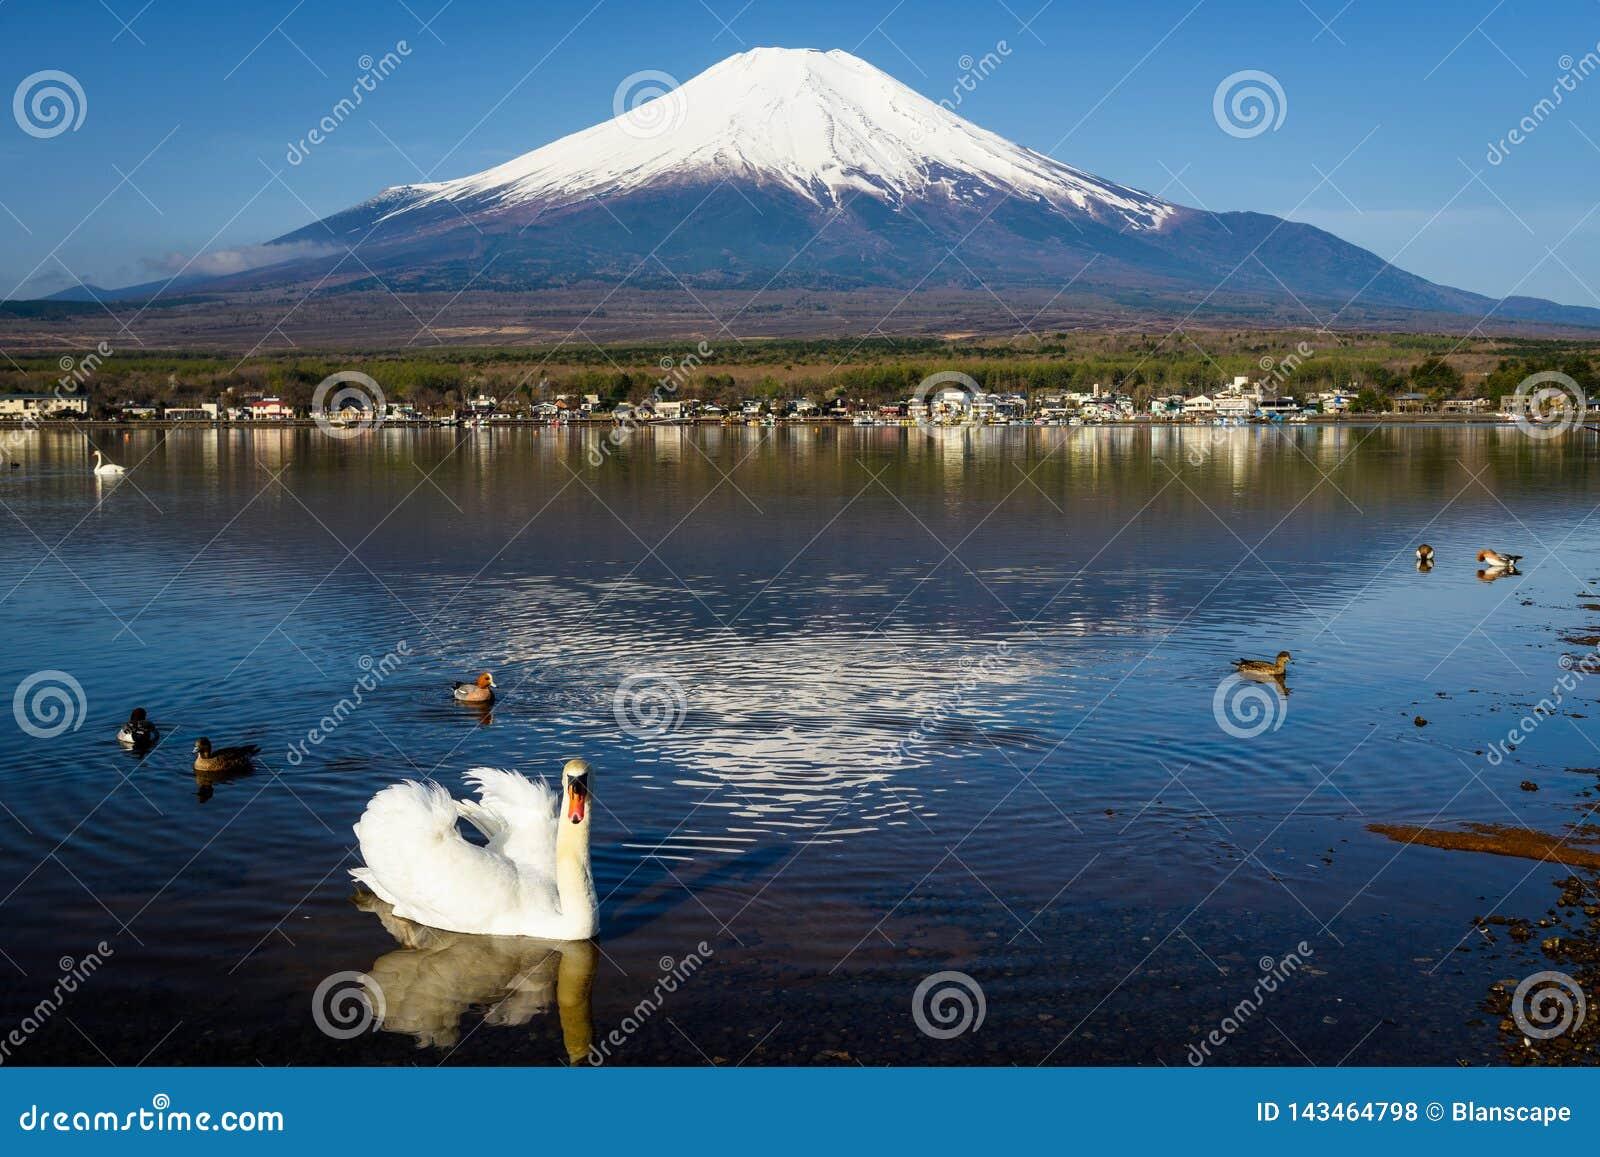 White swan at lake yamanaka with Fuji